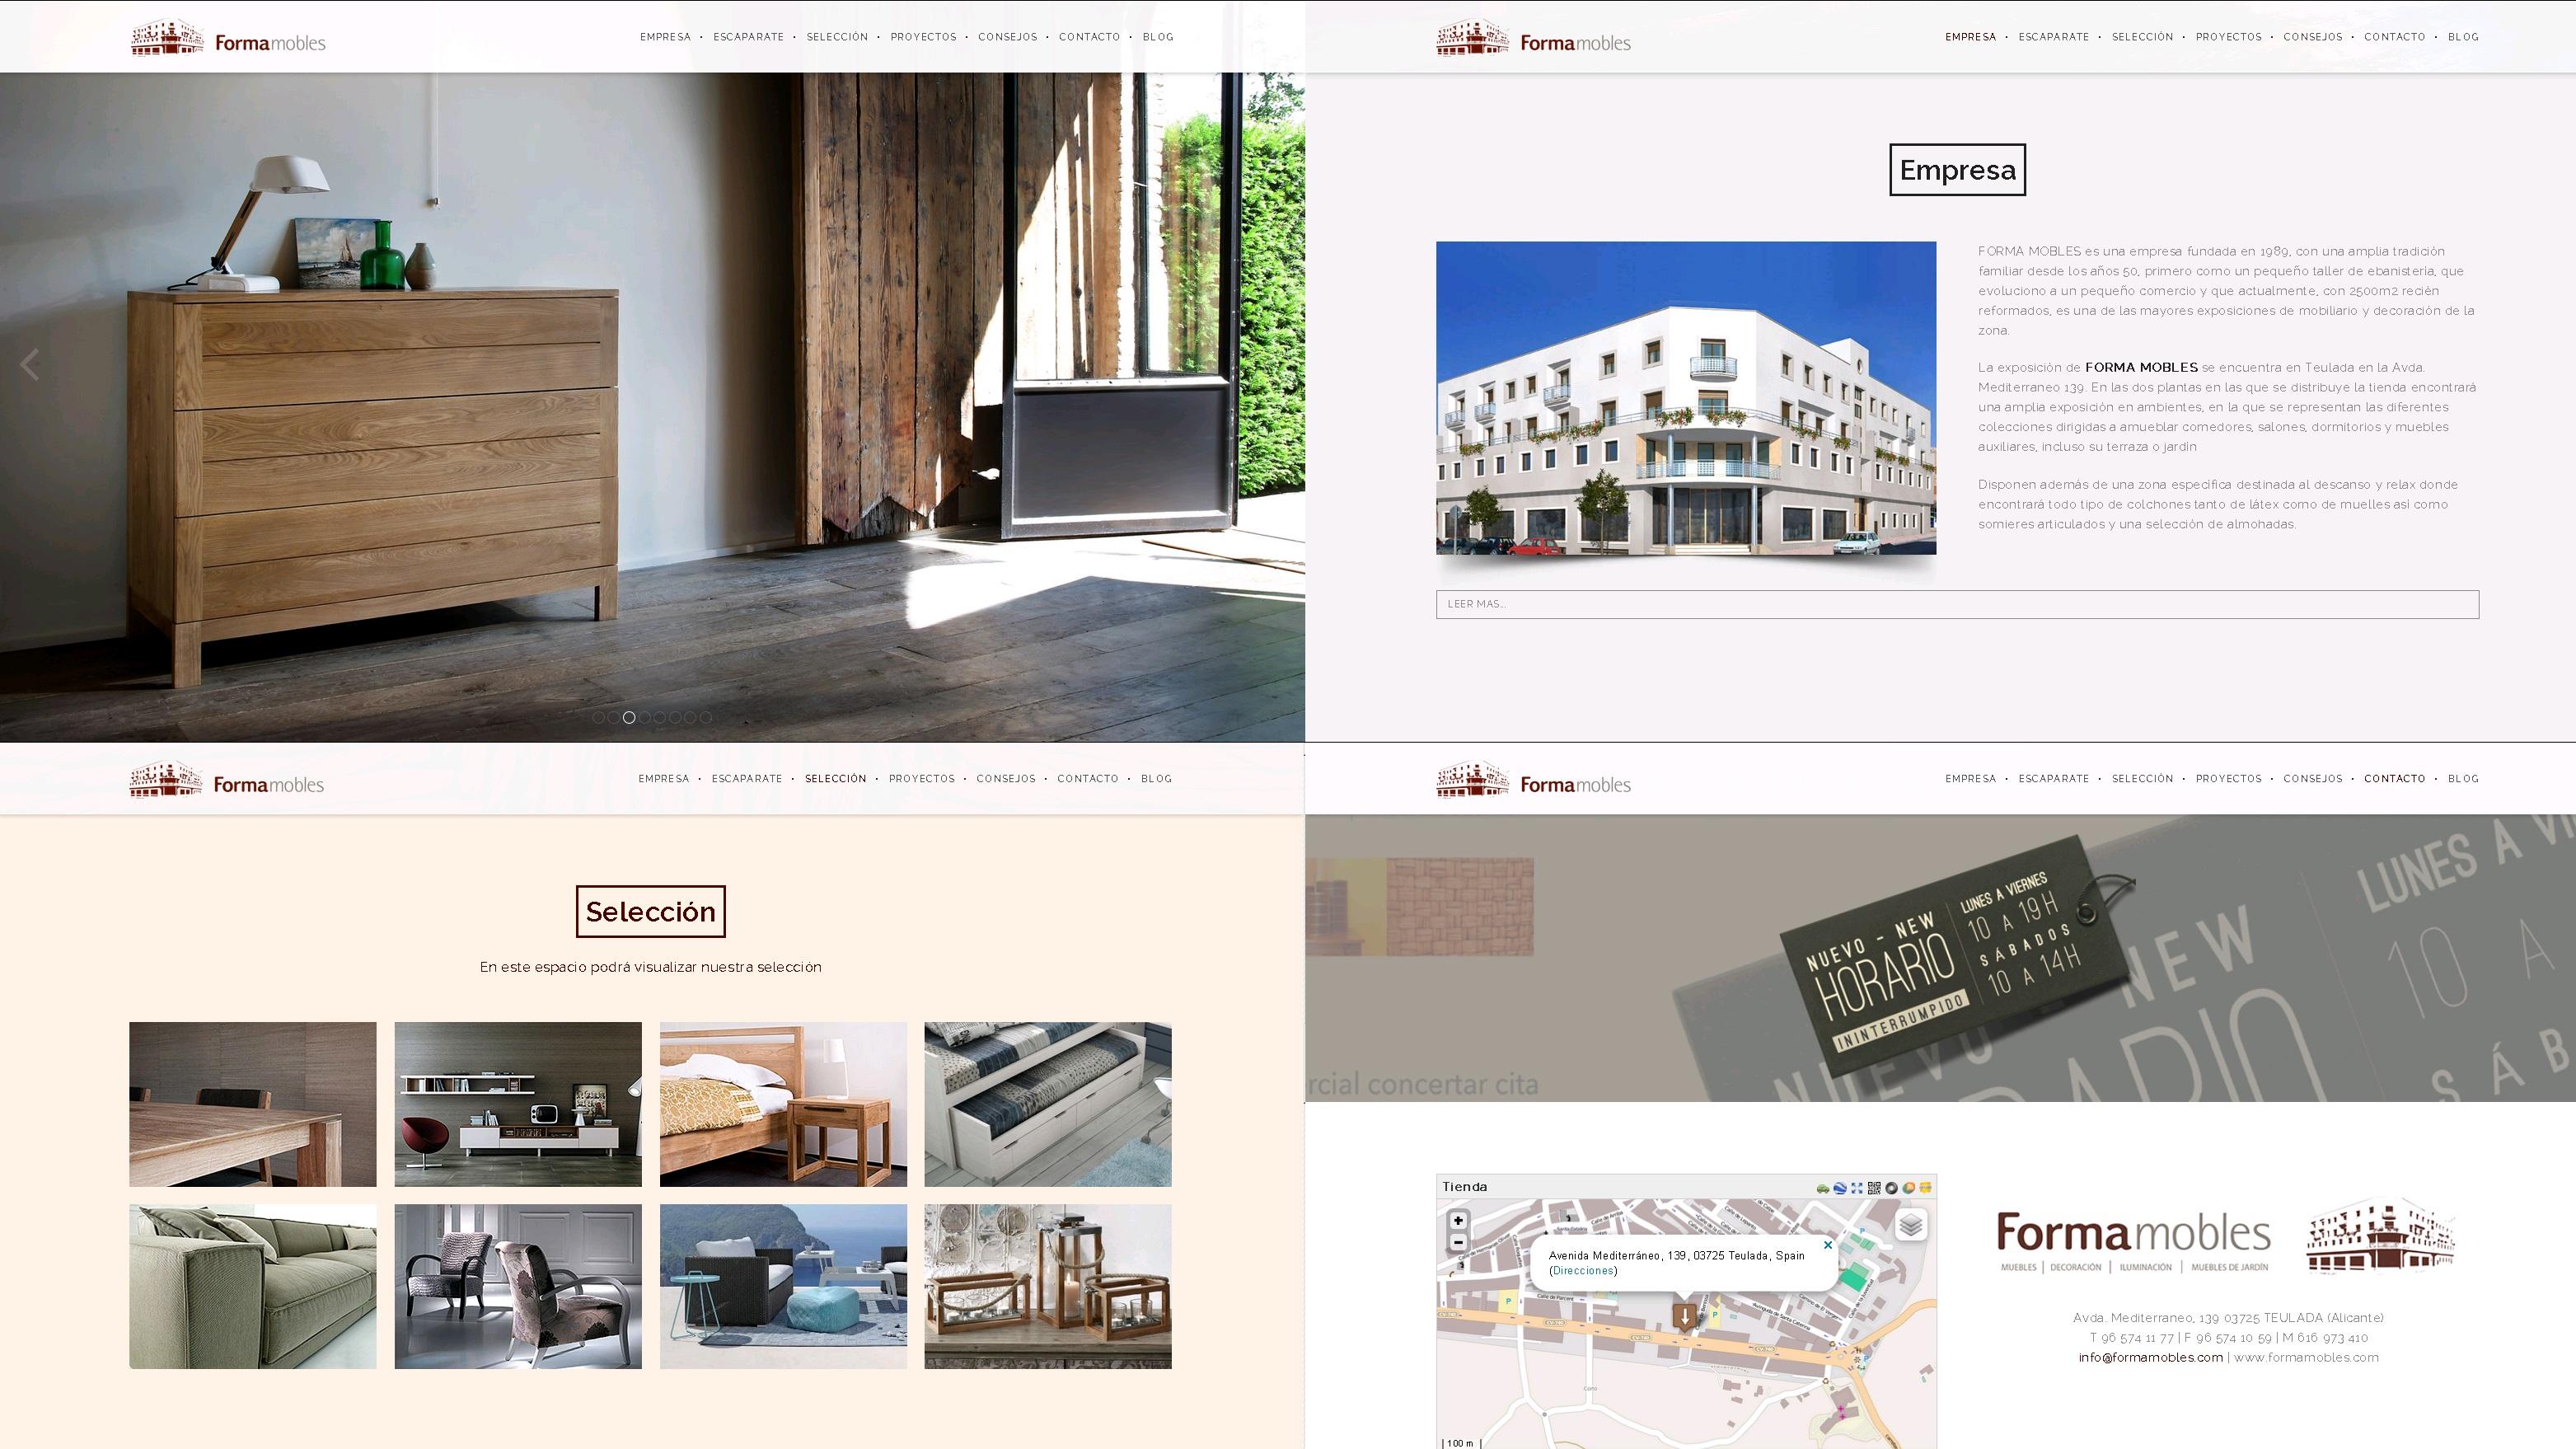 Estrenamos nuestra nueva p gina web muebles en teulada for Pagina web muebles